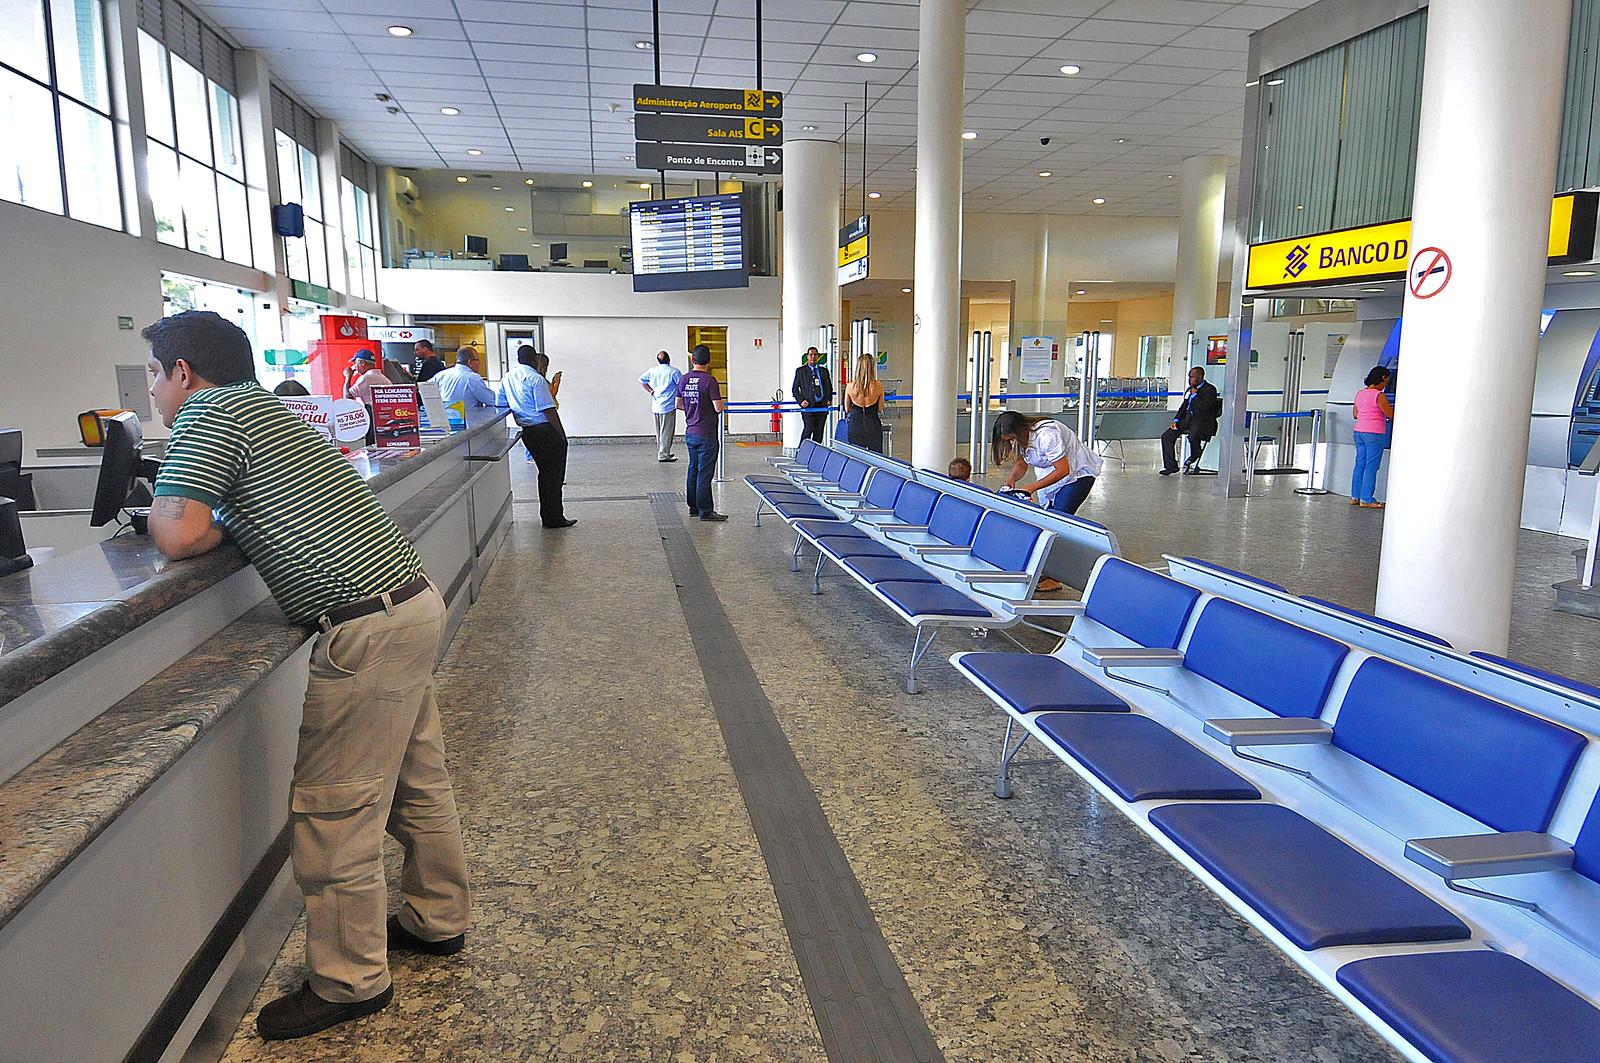 Pagina 1 - Aeroporto da Pampulha - Divino Advincula (20)